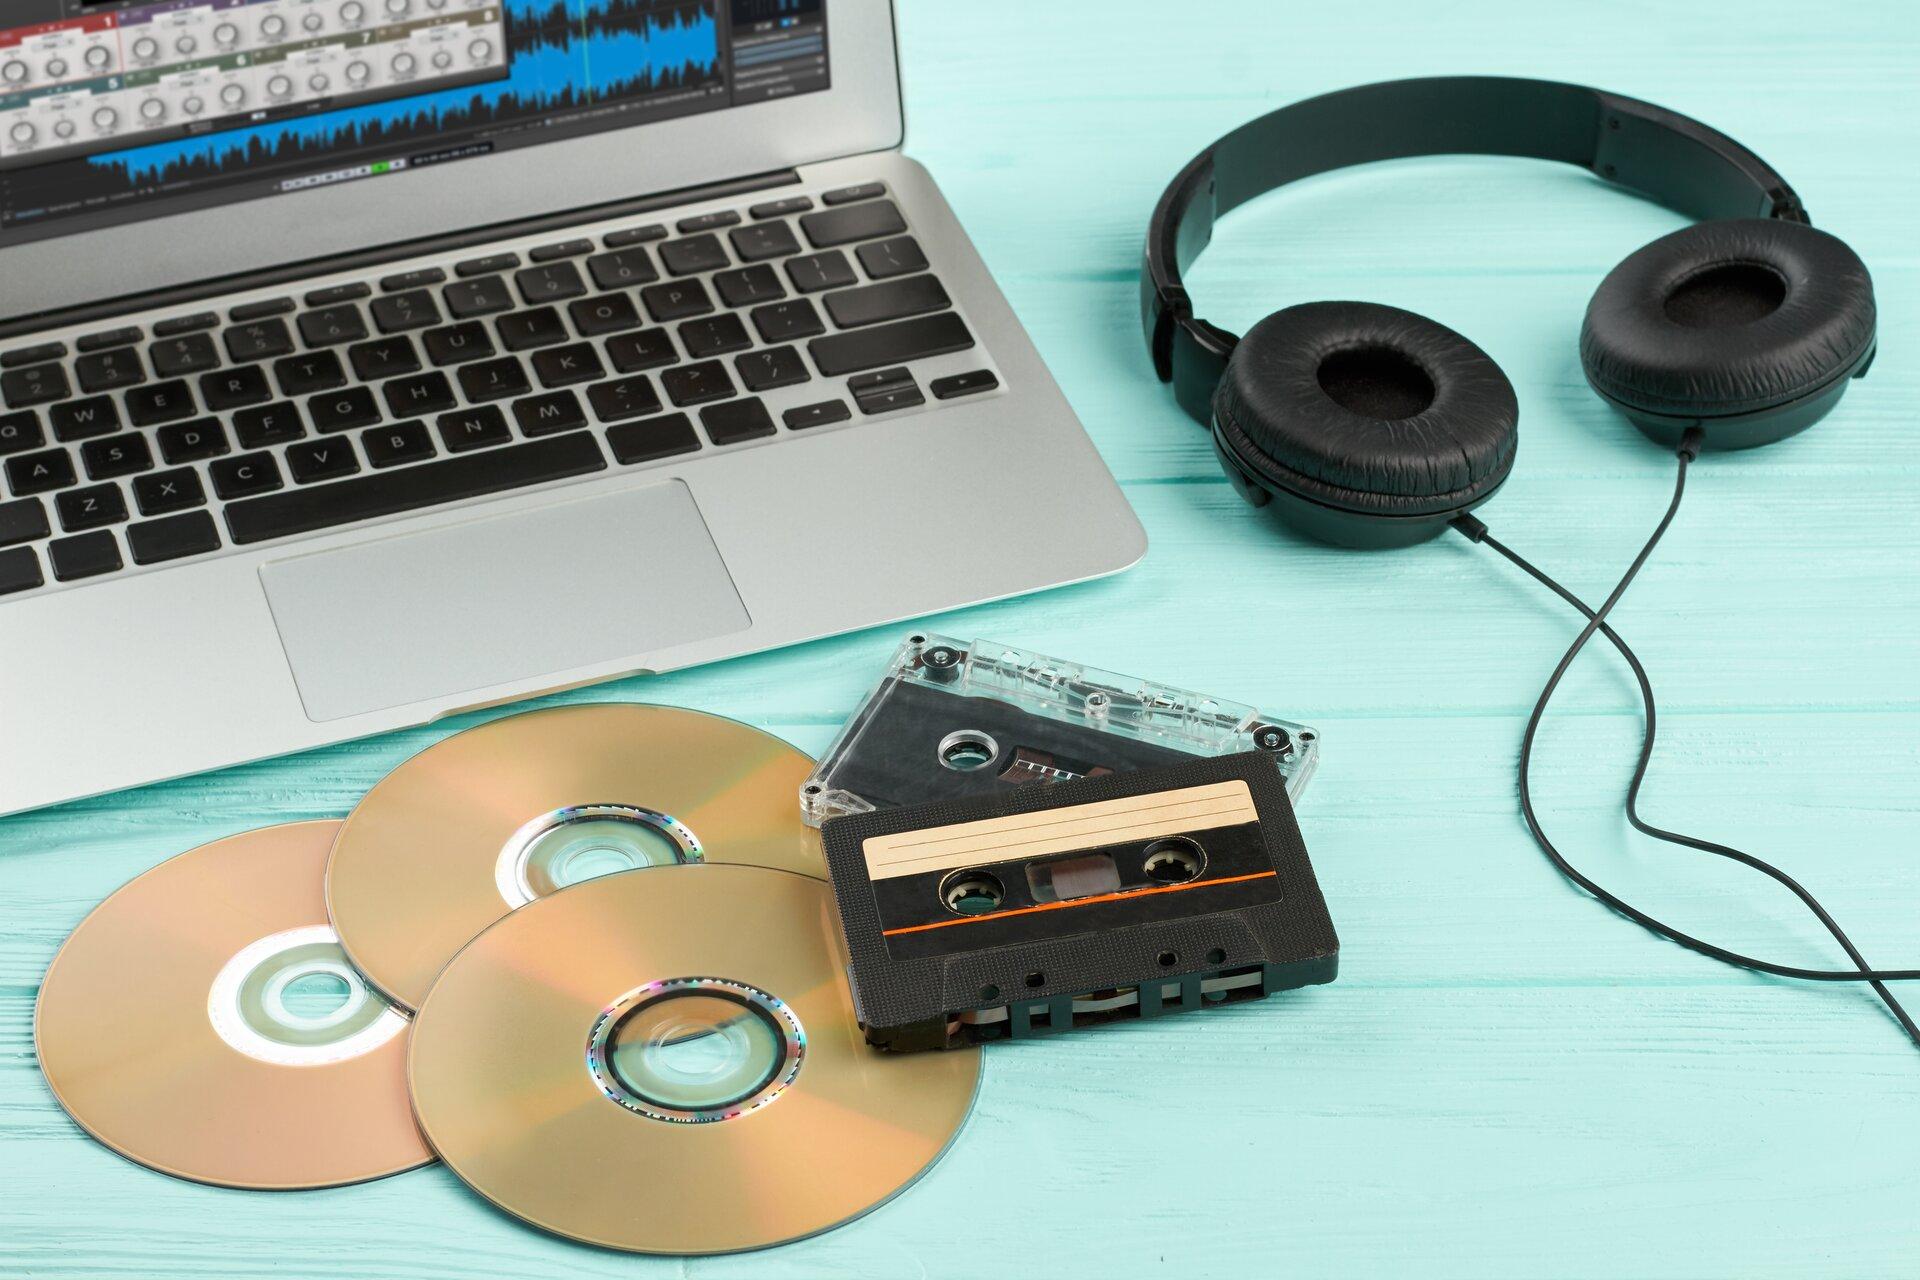 Zdjęcie ukazuje urządzenia do odtwarzania muzyki: dwie kasety magnetofonowe, trzy płyty CD, czarne słuchawki oraz laptop.